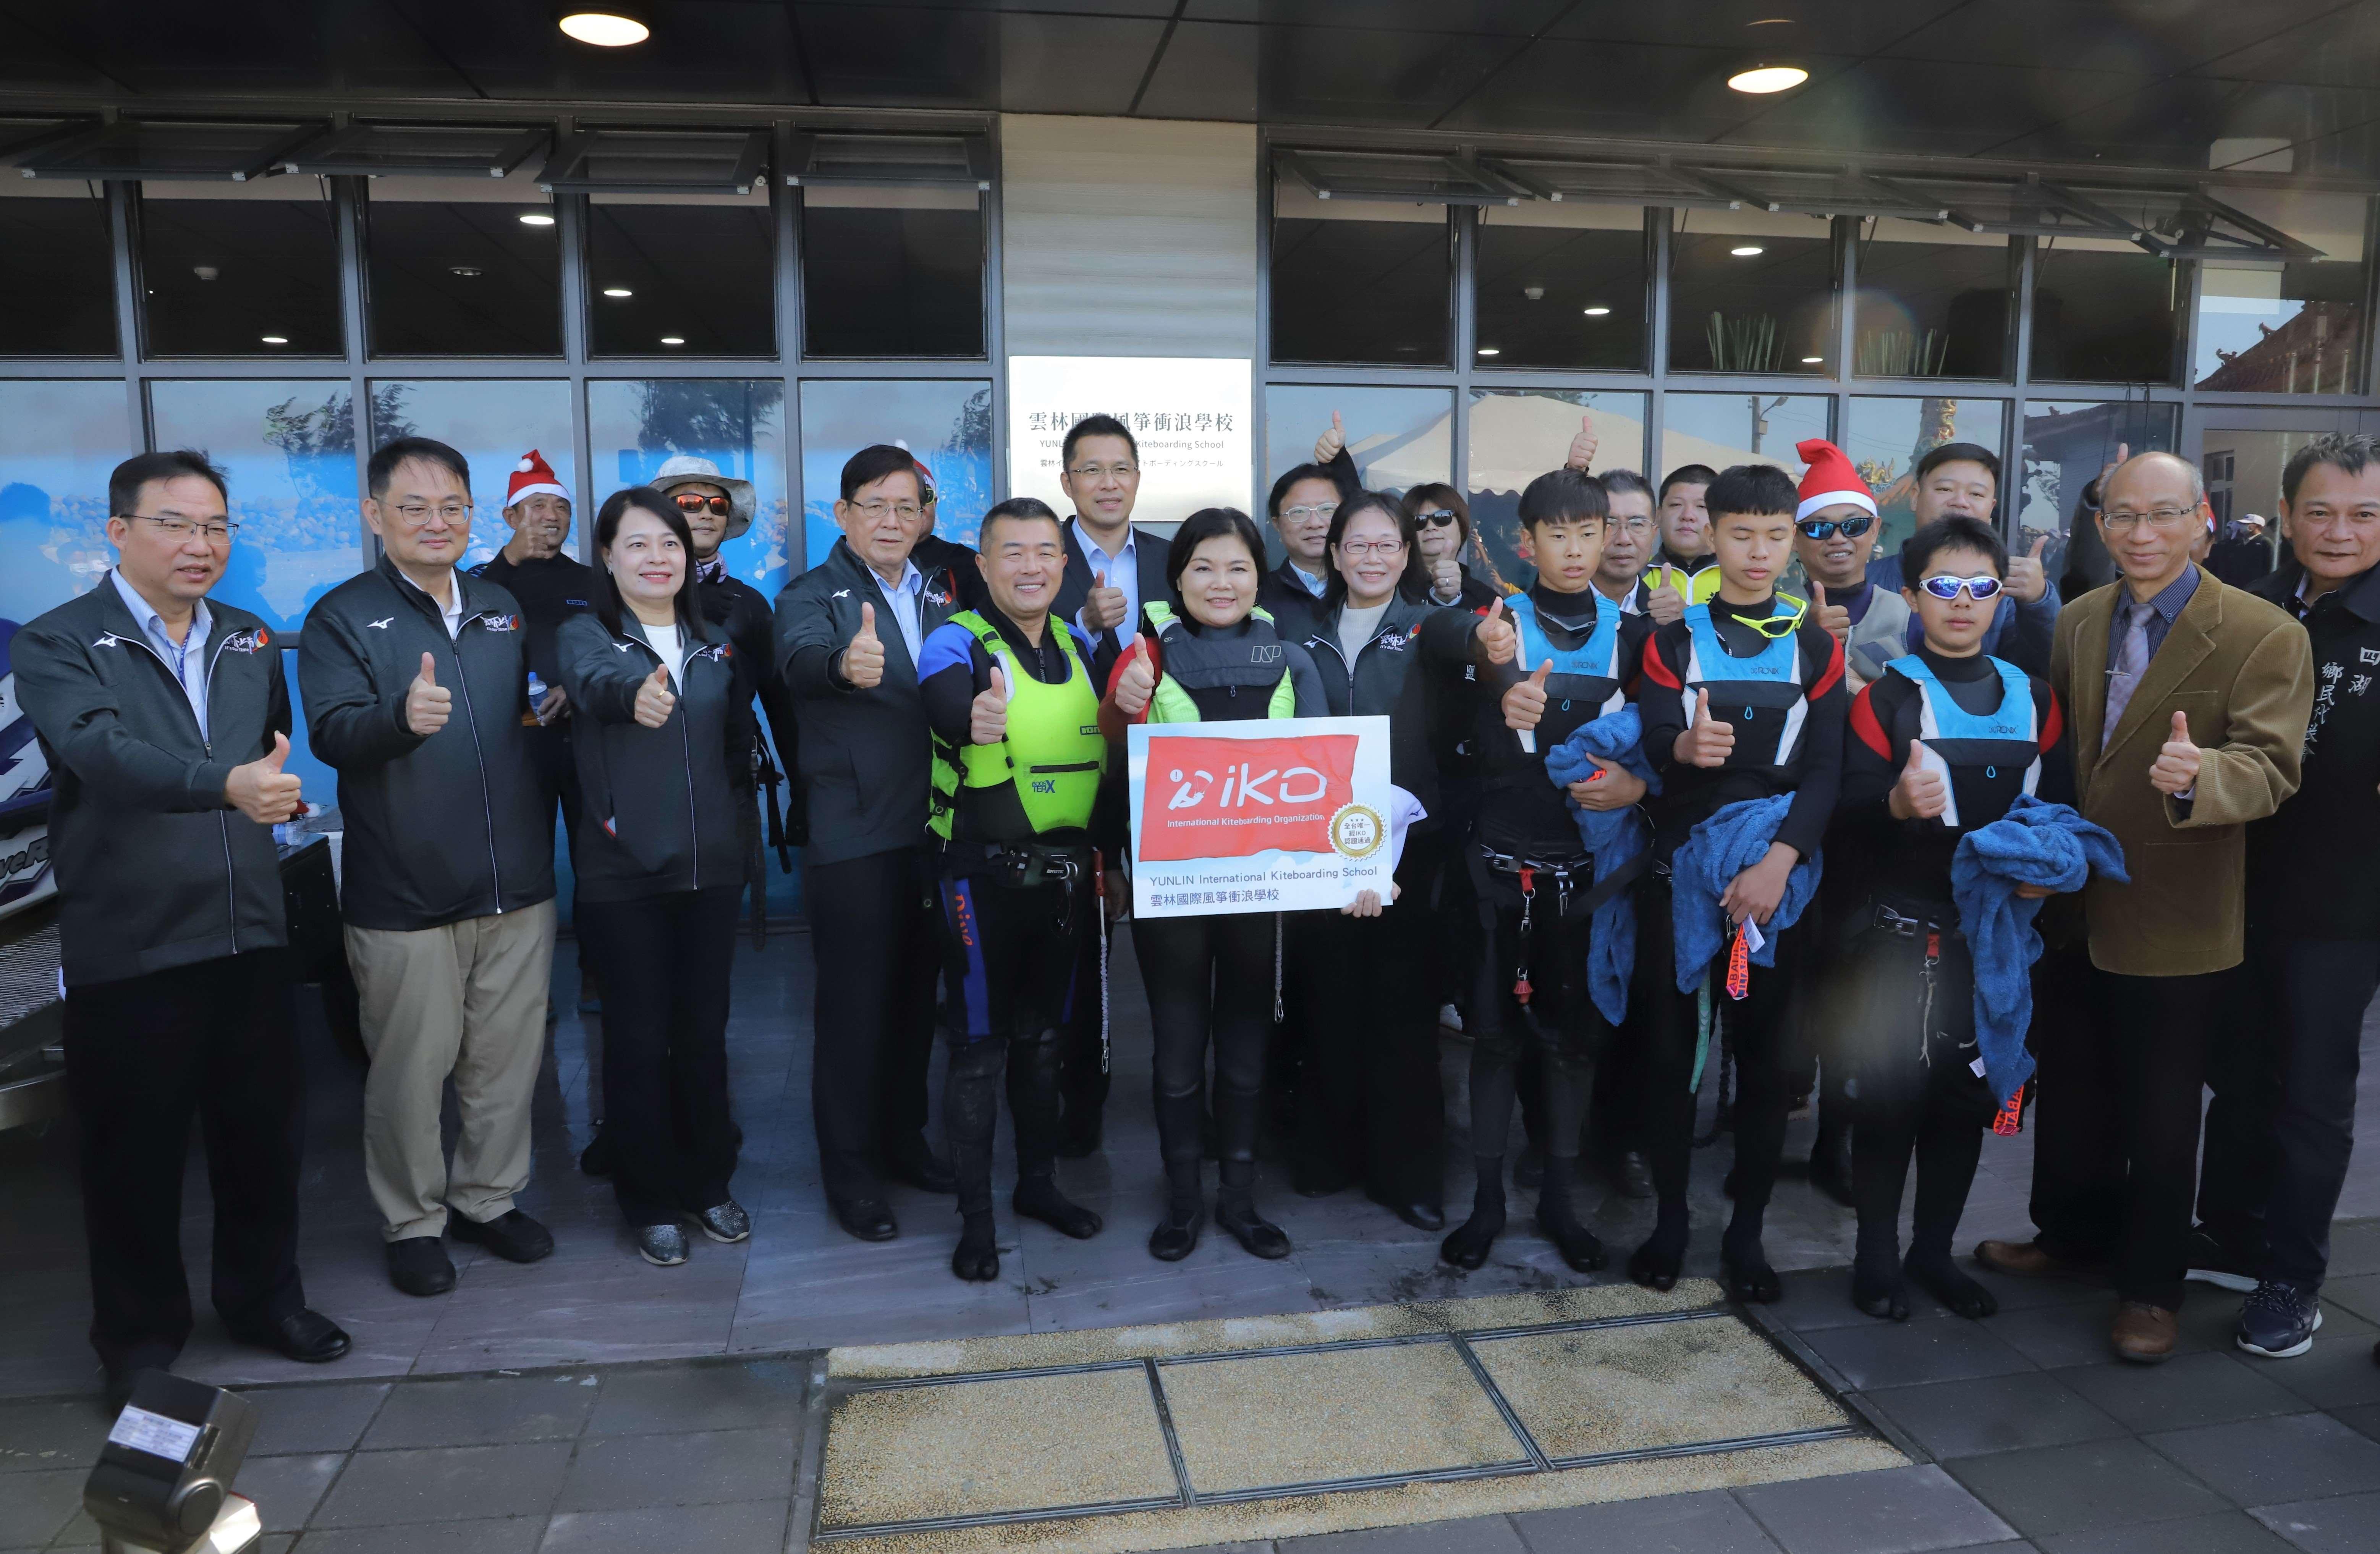 雲林國際風箏衝浪學校揭牌